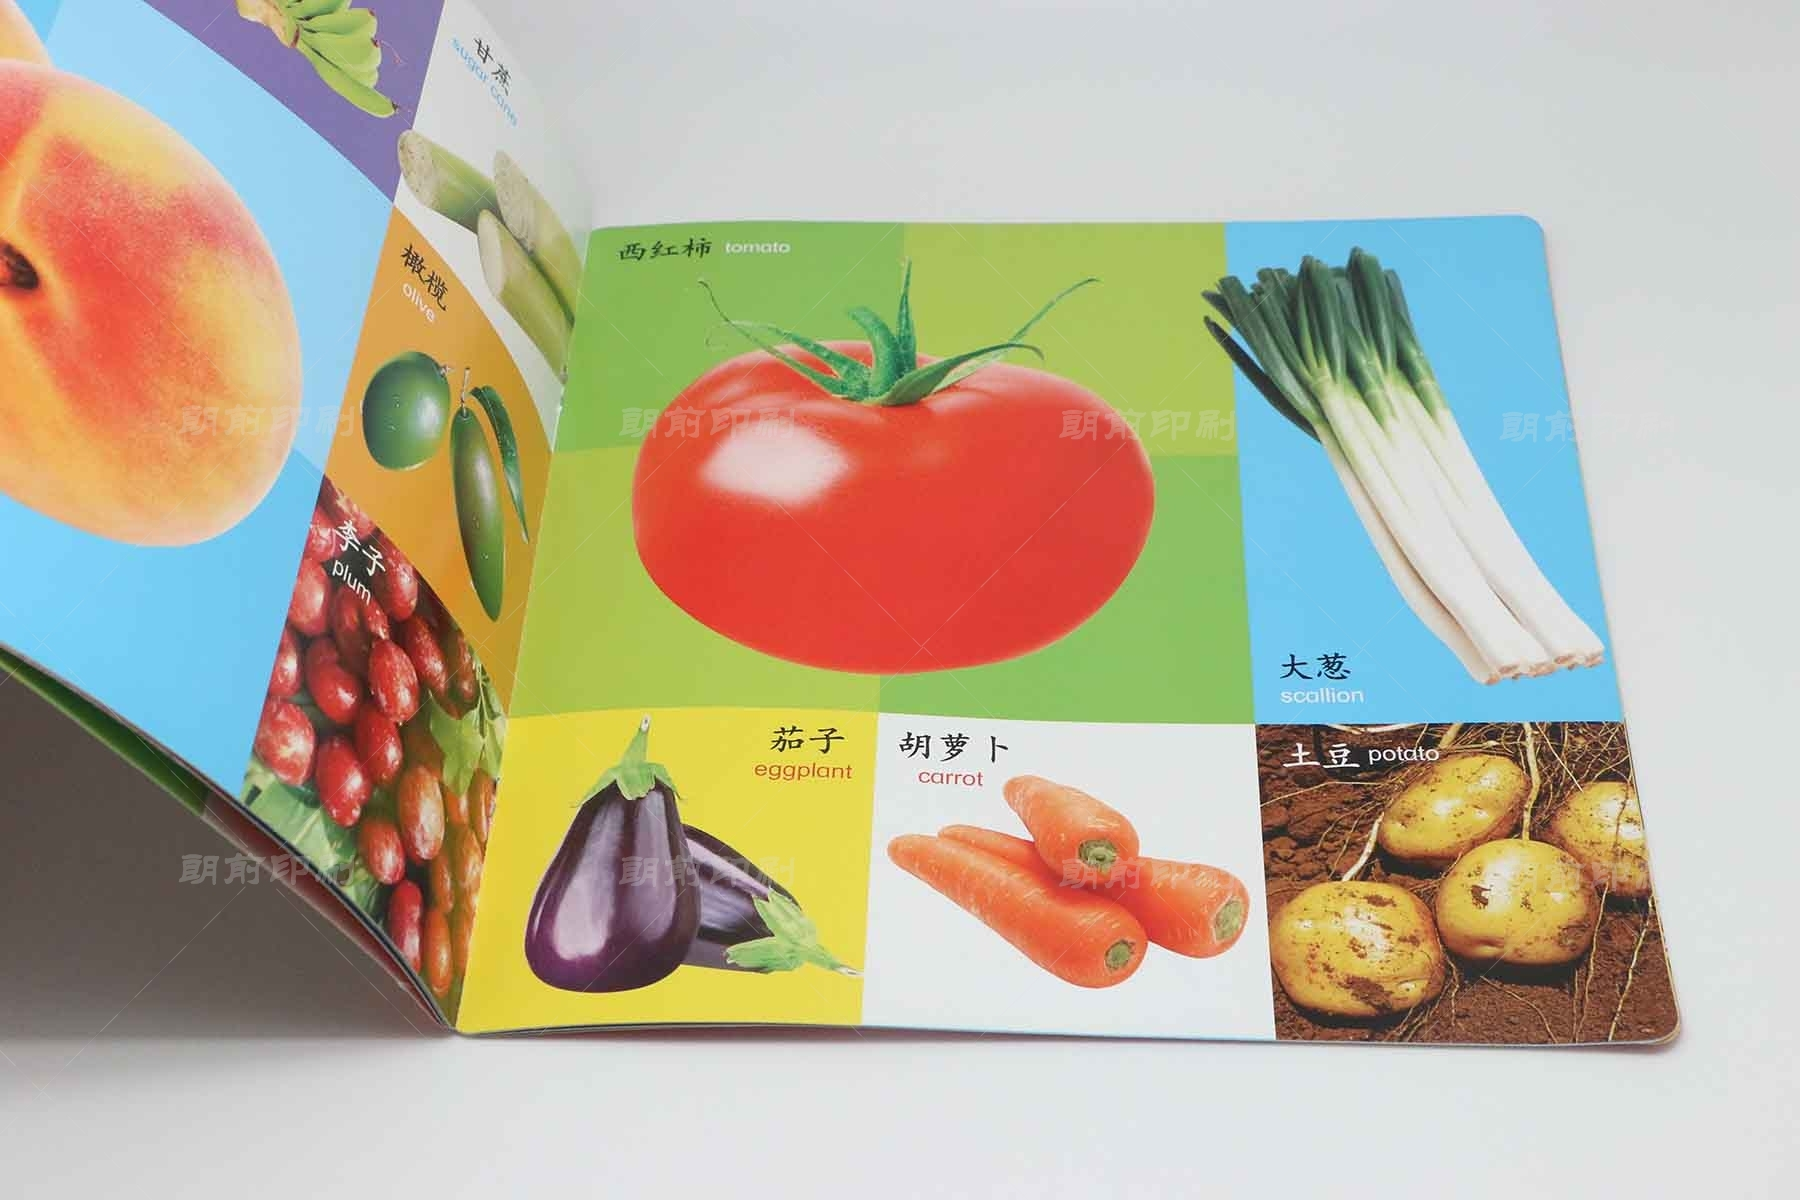 识果蔬 骑钉儿童读物印刷